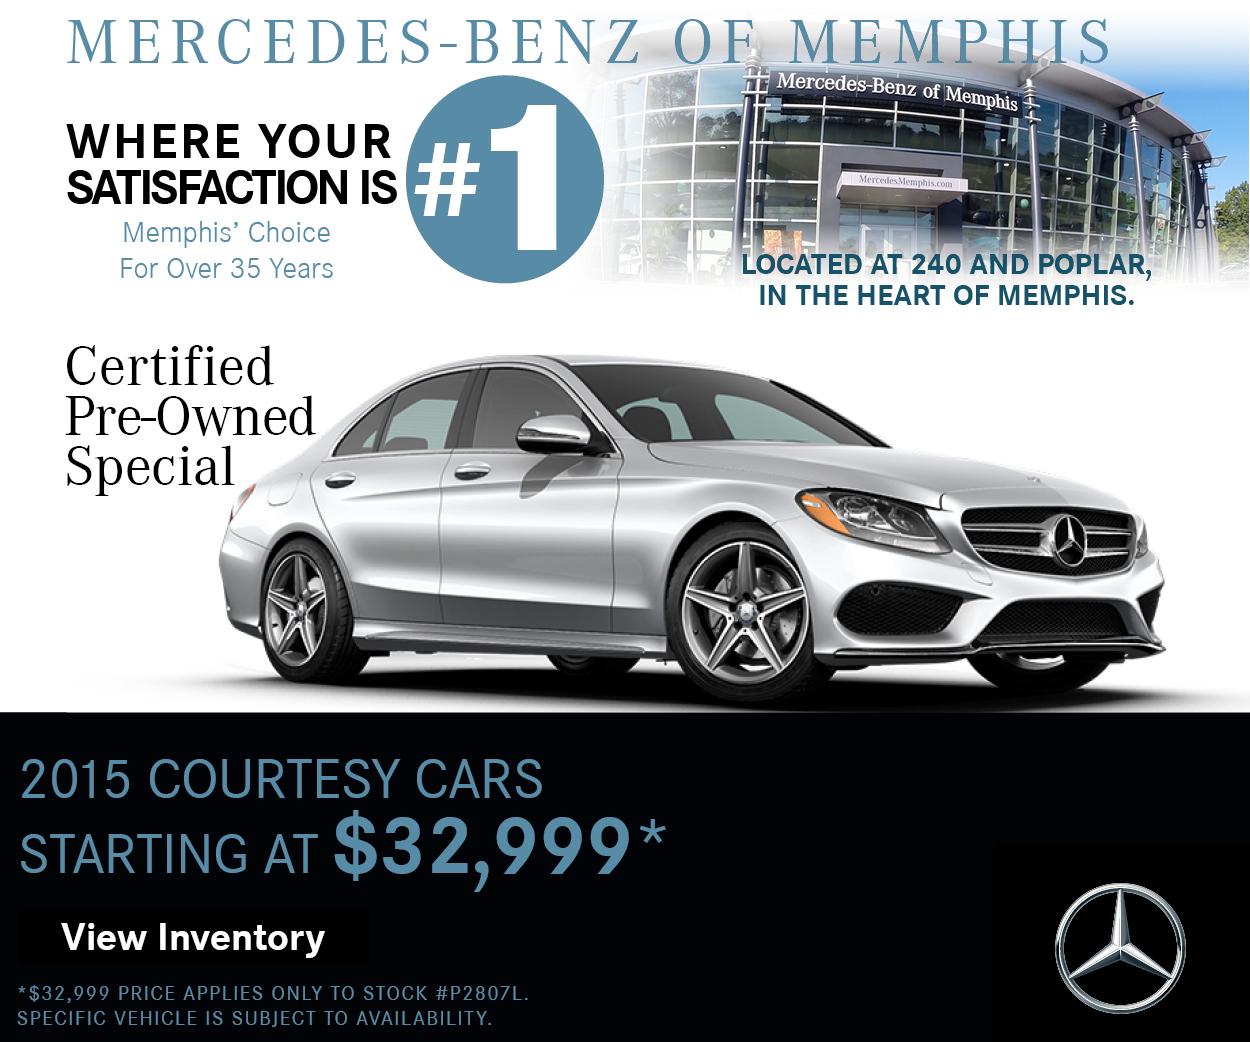 2015 courtesy car specials mercedes benz of memphis for Mercedes benz specials